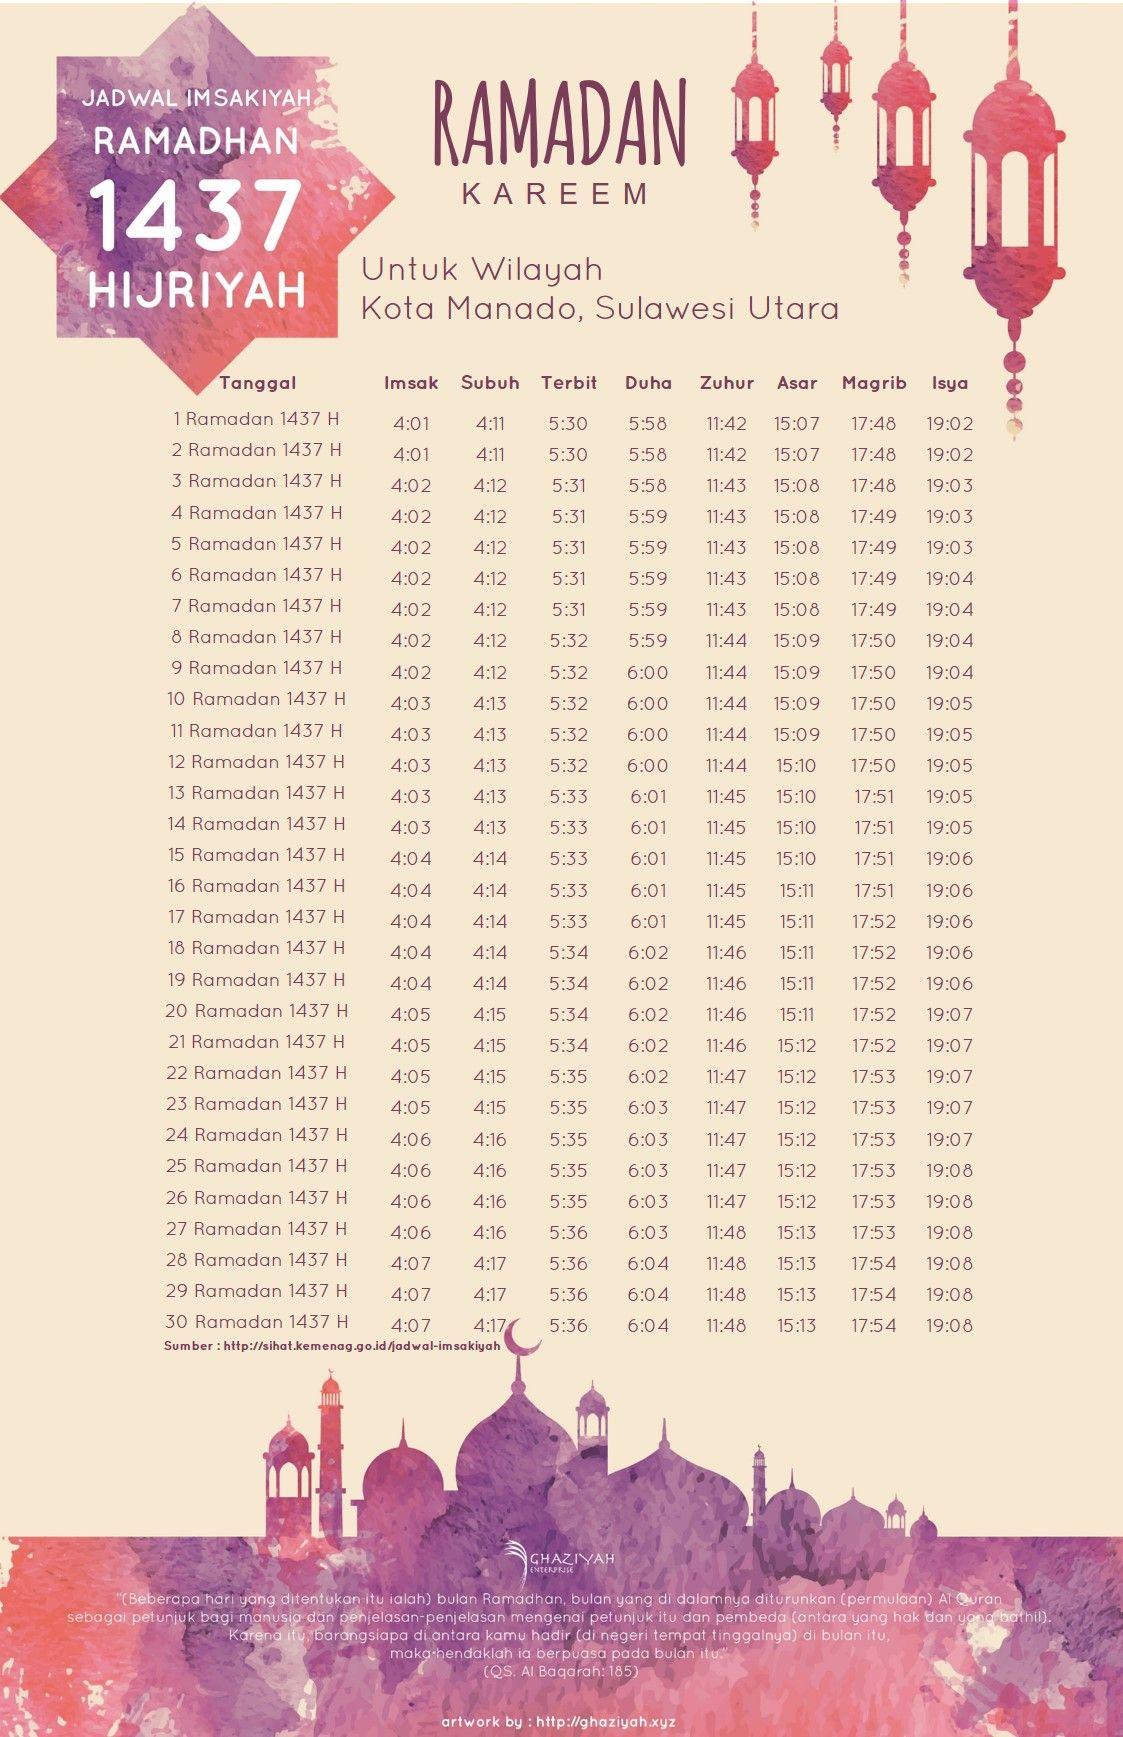 Jadwal imsak ramadhan 2016 manado ramadan 1437 h